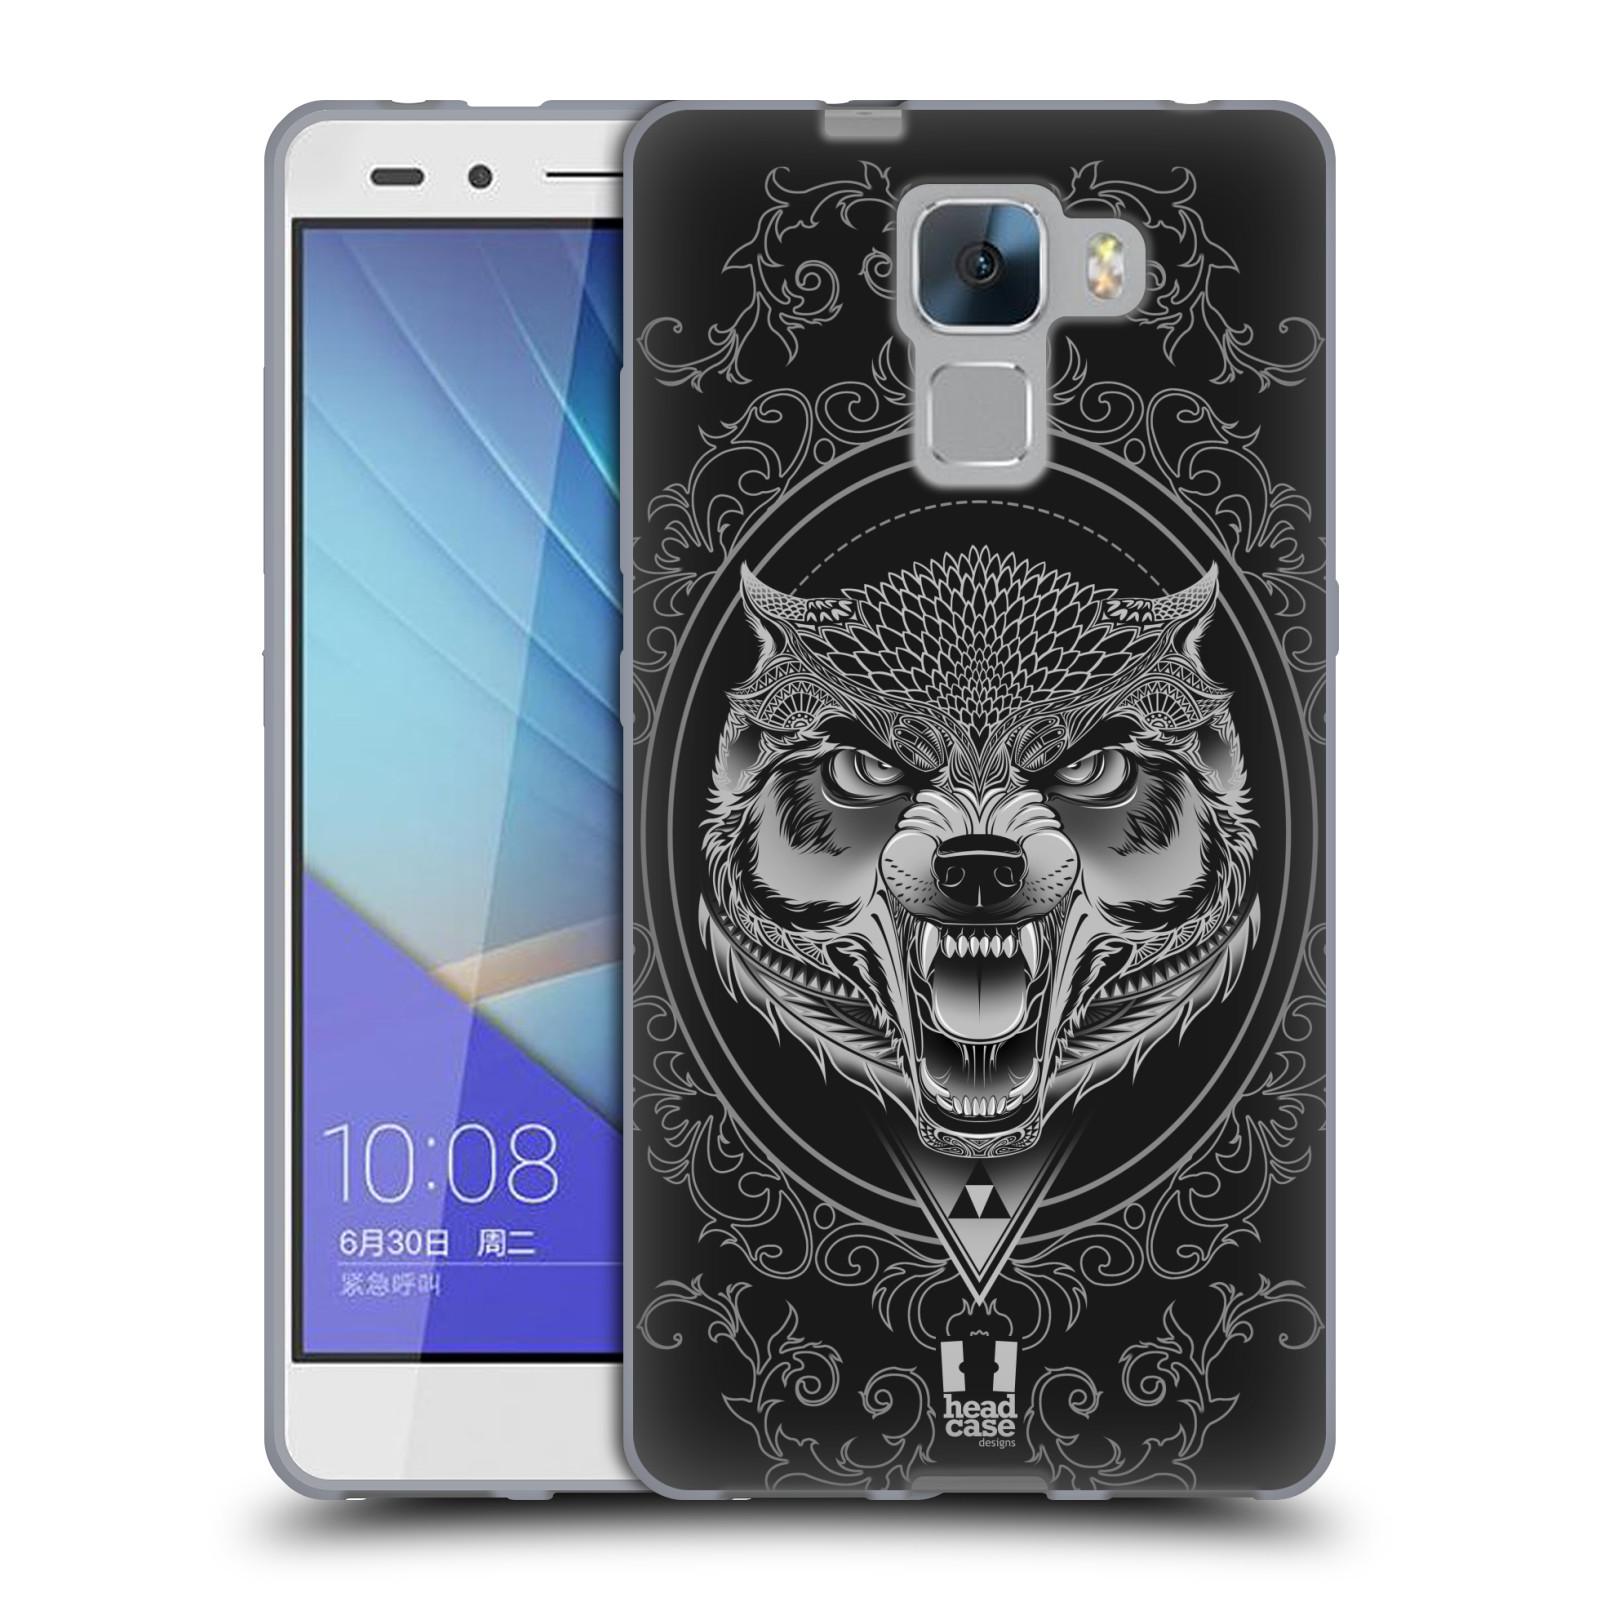 Silikonové pouzdro na mobil Honor 7 HEAD CASE Krutý vlk (Silikonový kryt či obal na mobilní telefon Huawei Honor 7 Krutý vlk)